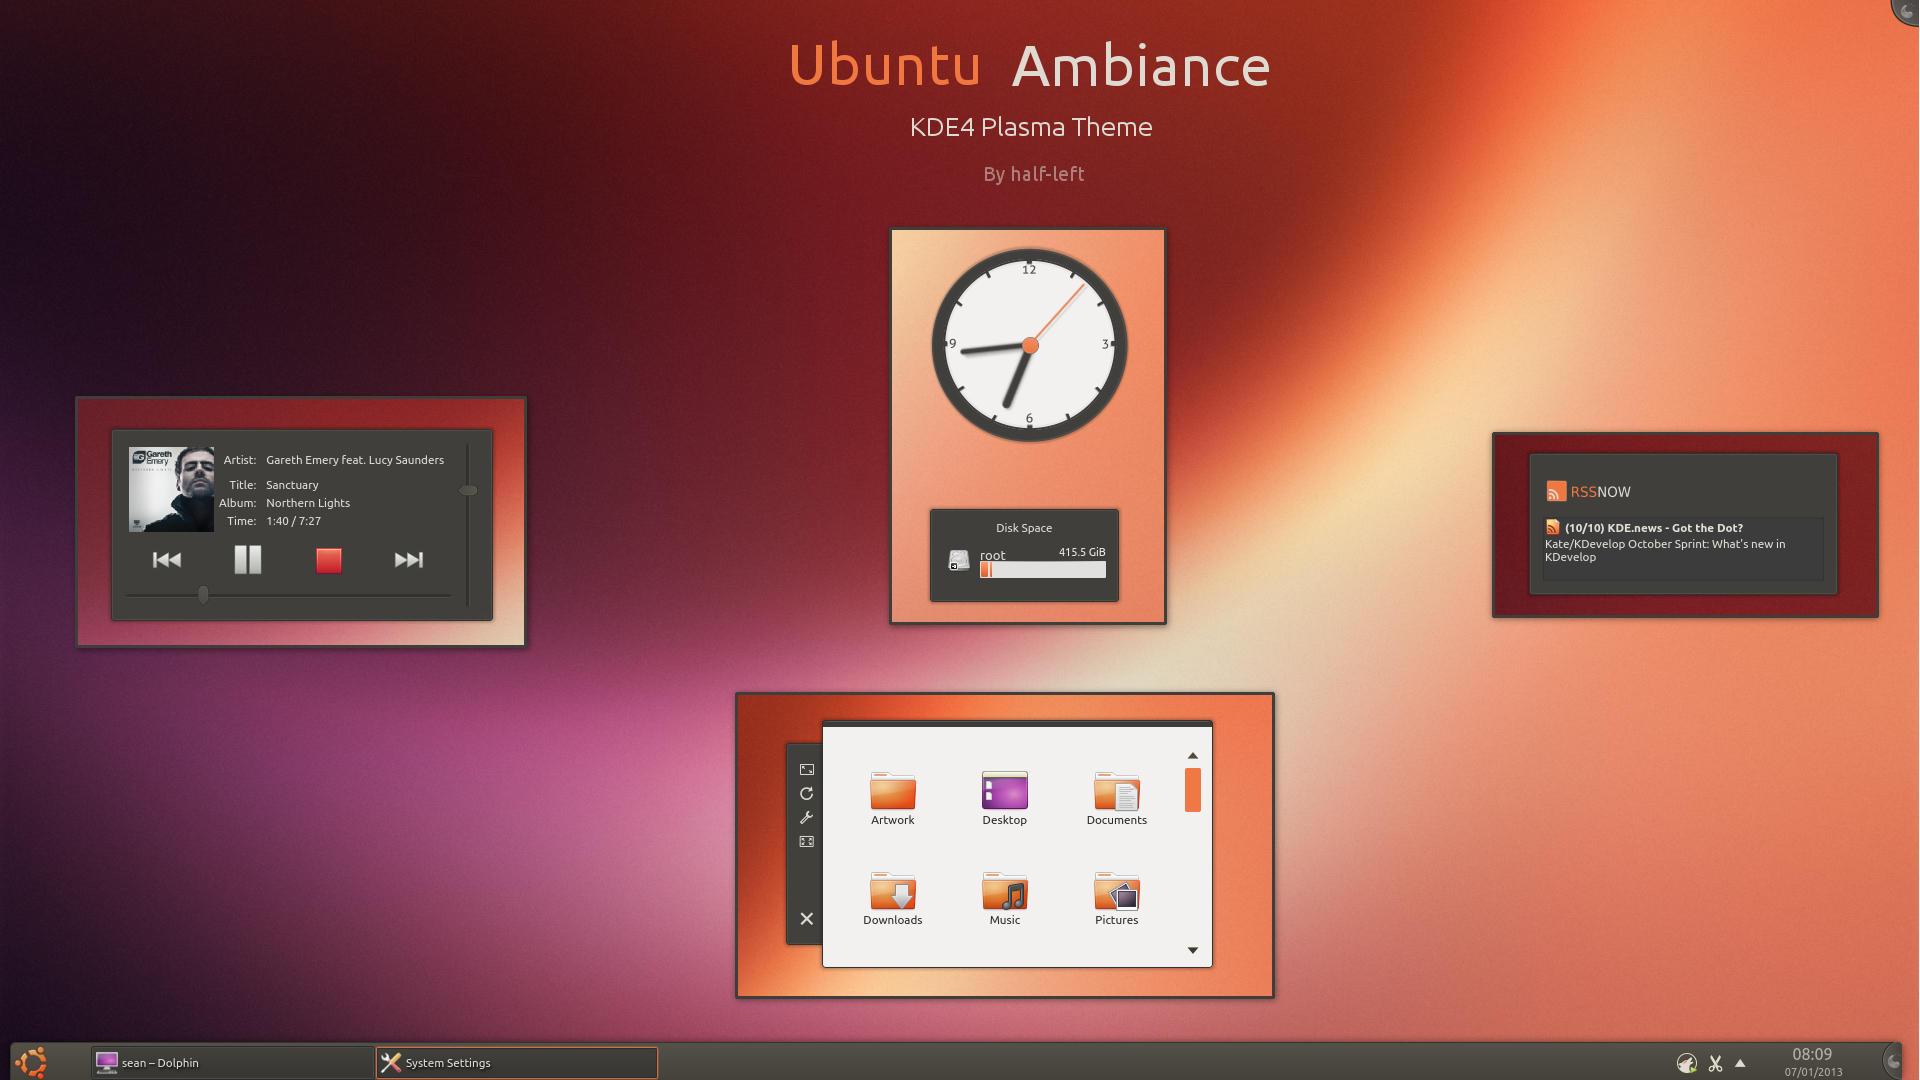 KDE4 - Ubuntu Ambiance by half-left